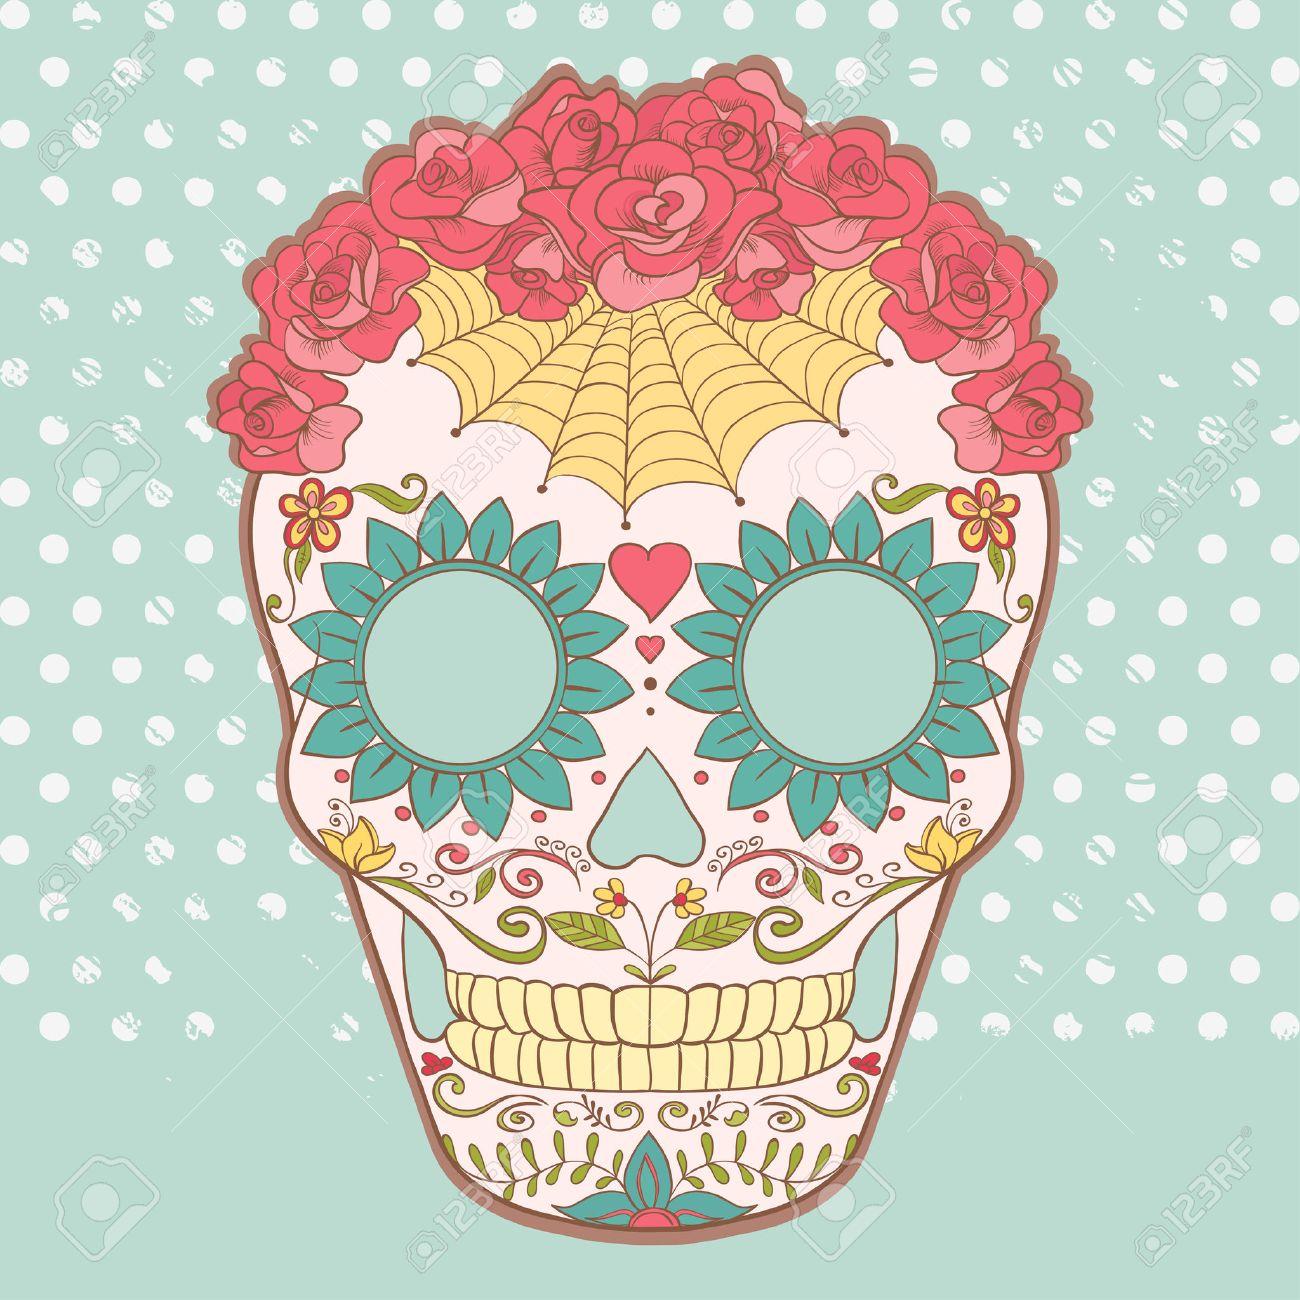 la calavera catrina Imagen del vector del cráneo del azúcar se puede utilizar para la